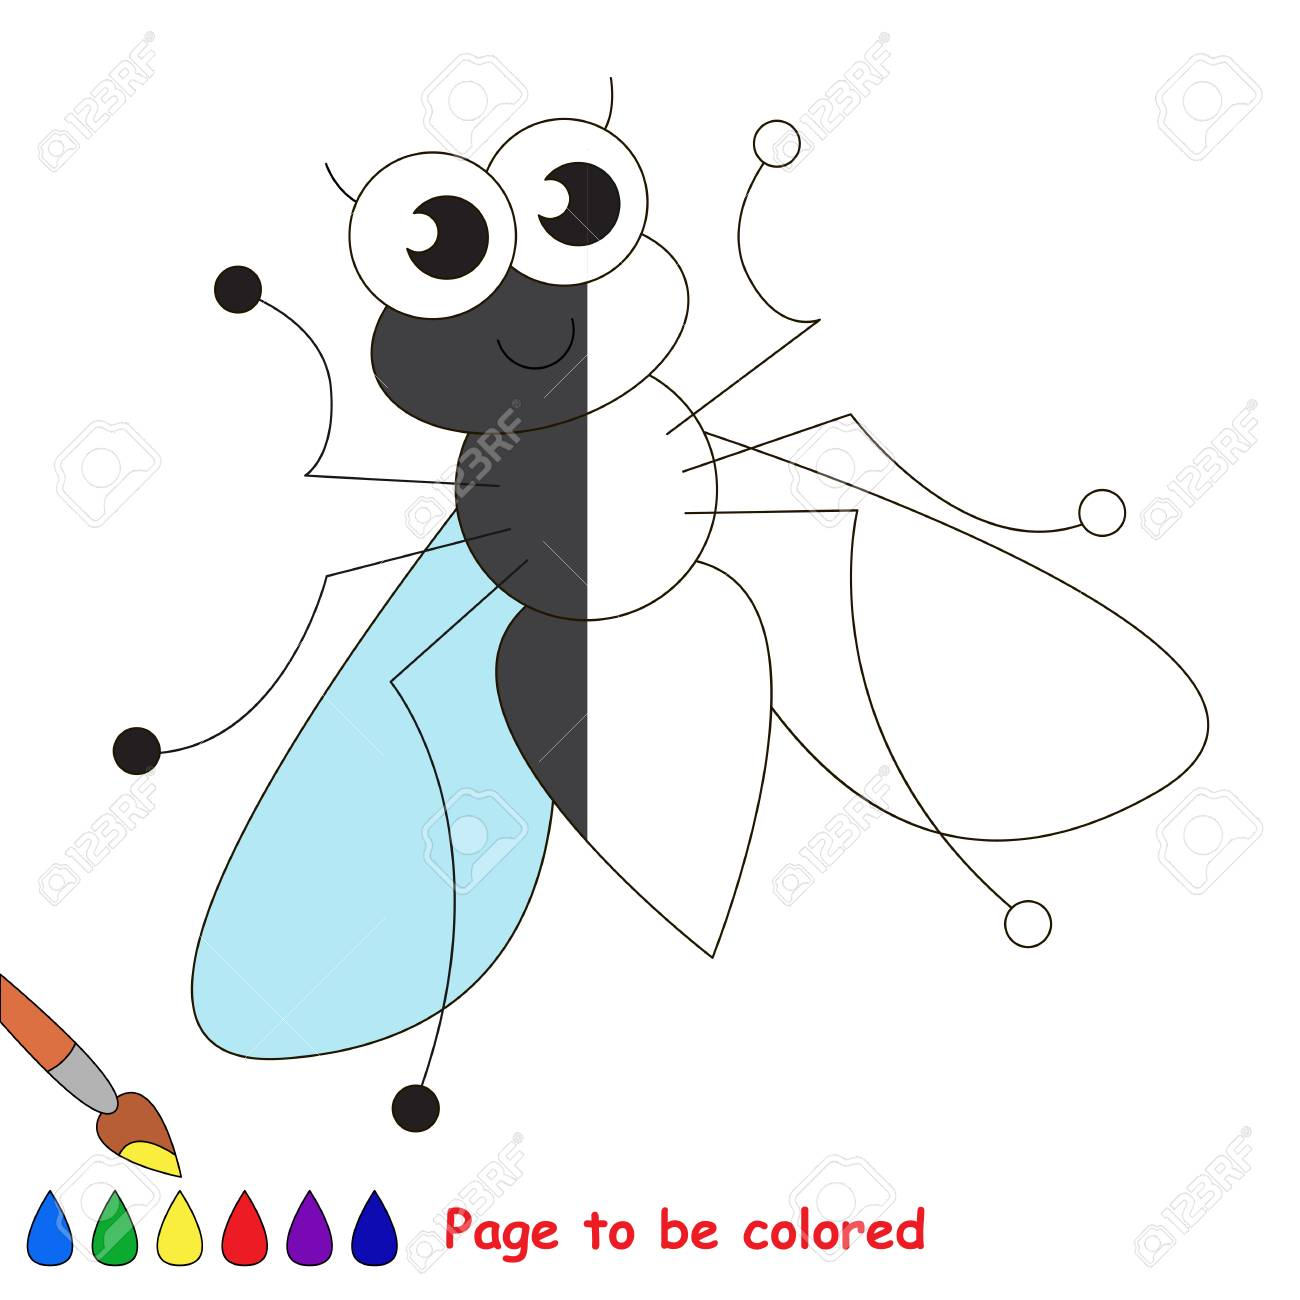 Linda Mosca Para Colorear El Libro Para Colorear Para Educar A Los Niños En Edad Preescolar Con Juegos Educativos Fáciles Para Niños Y Educación